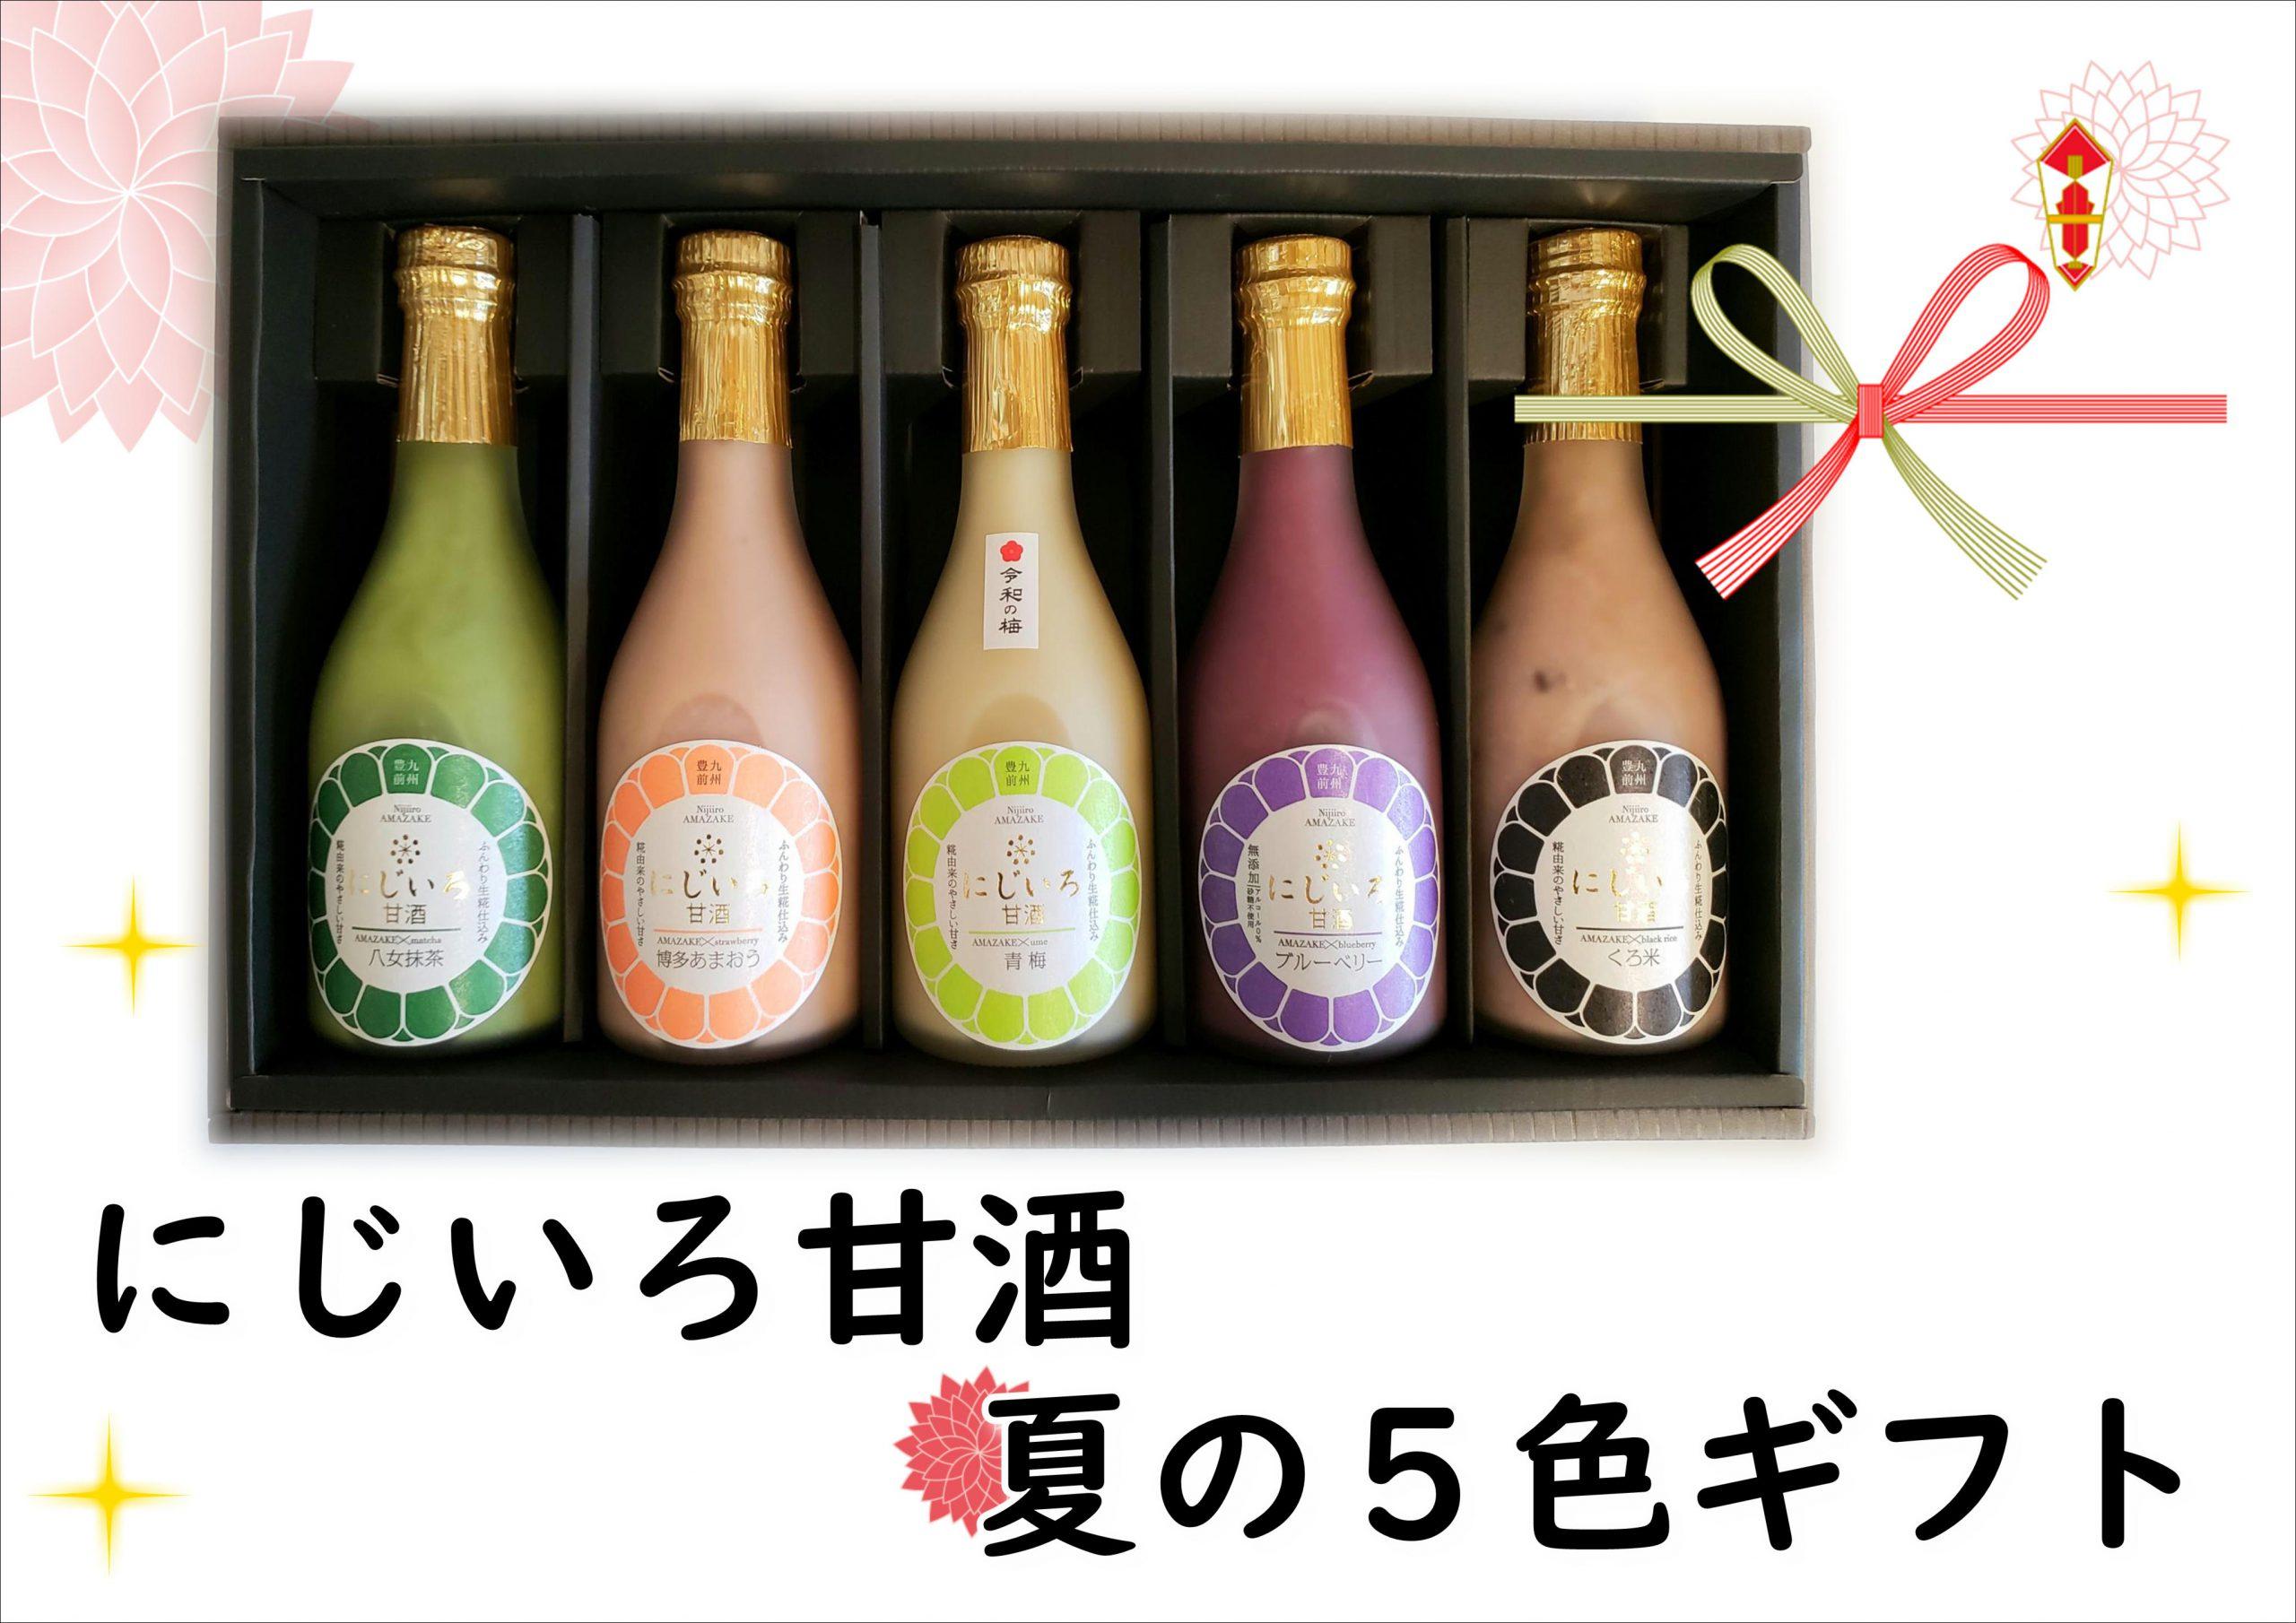 にじいろ甘酒 夏の5色ギフト(青梅・ブルーベリー・博多あまおう・八女抹茶・くろ米)